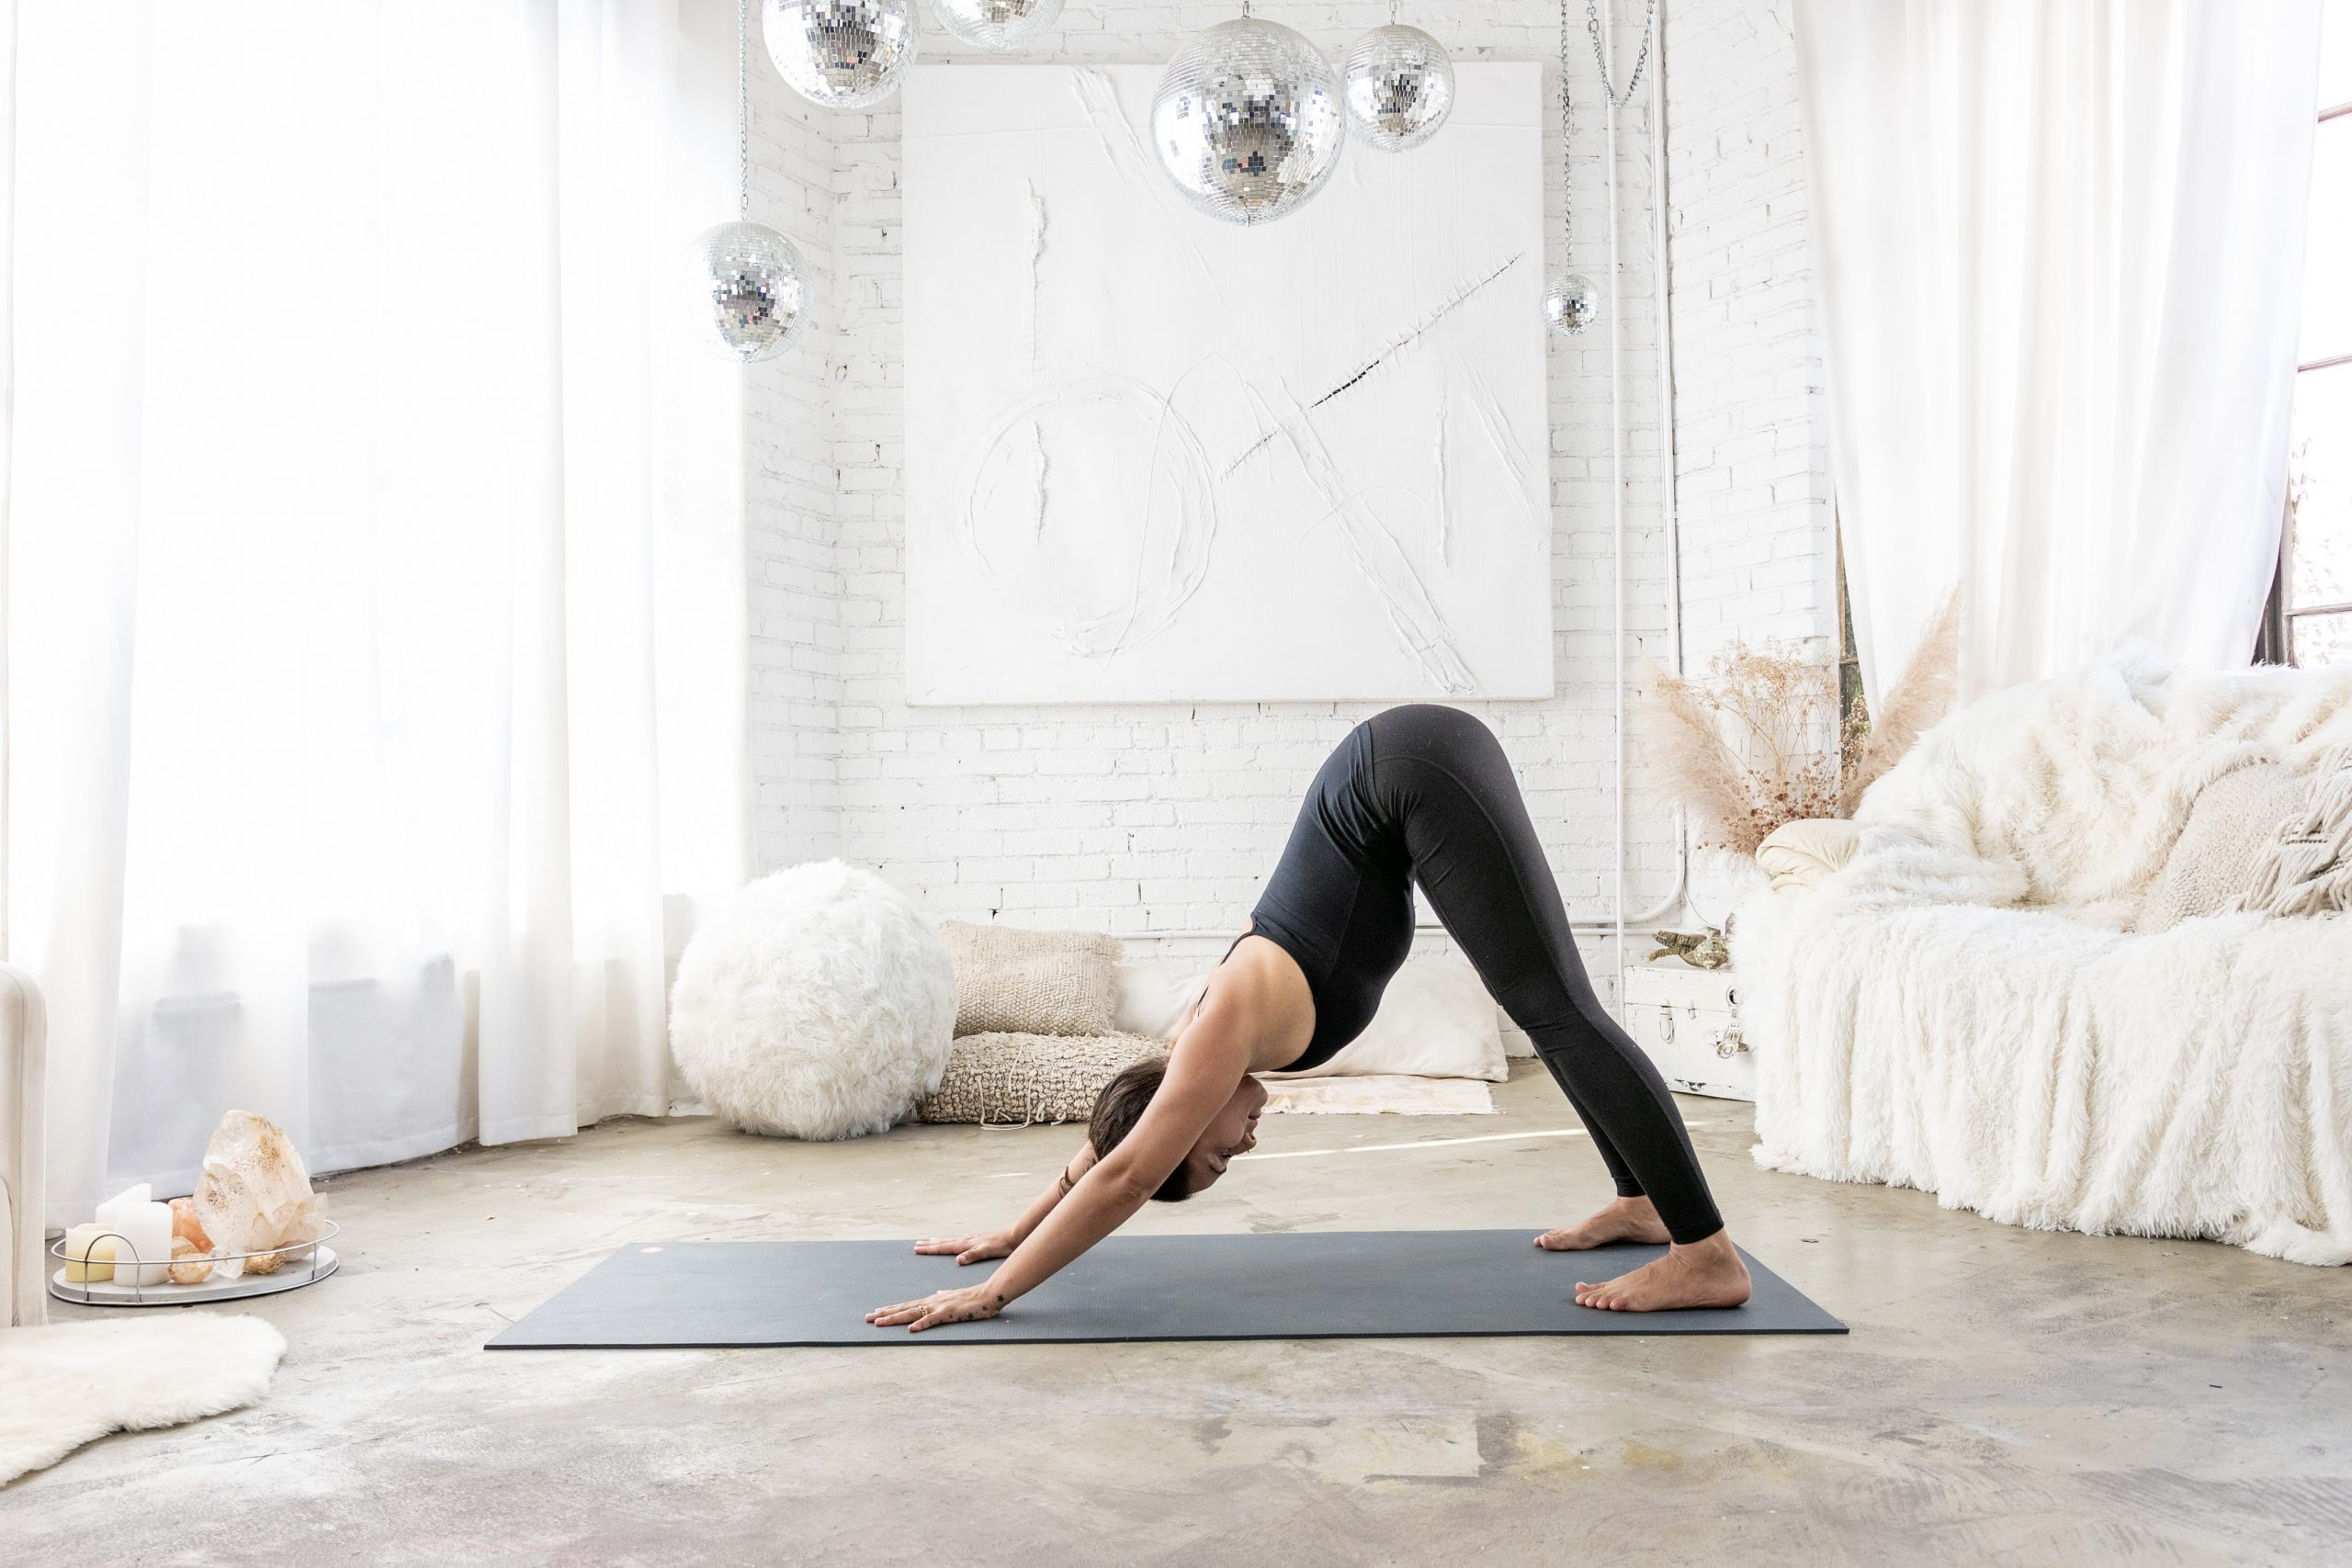 Ansiedade e sedentarismo em casa? Yoga online é uma boa opção